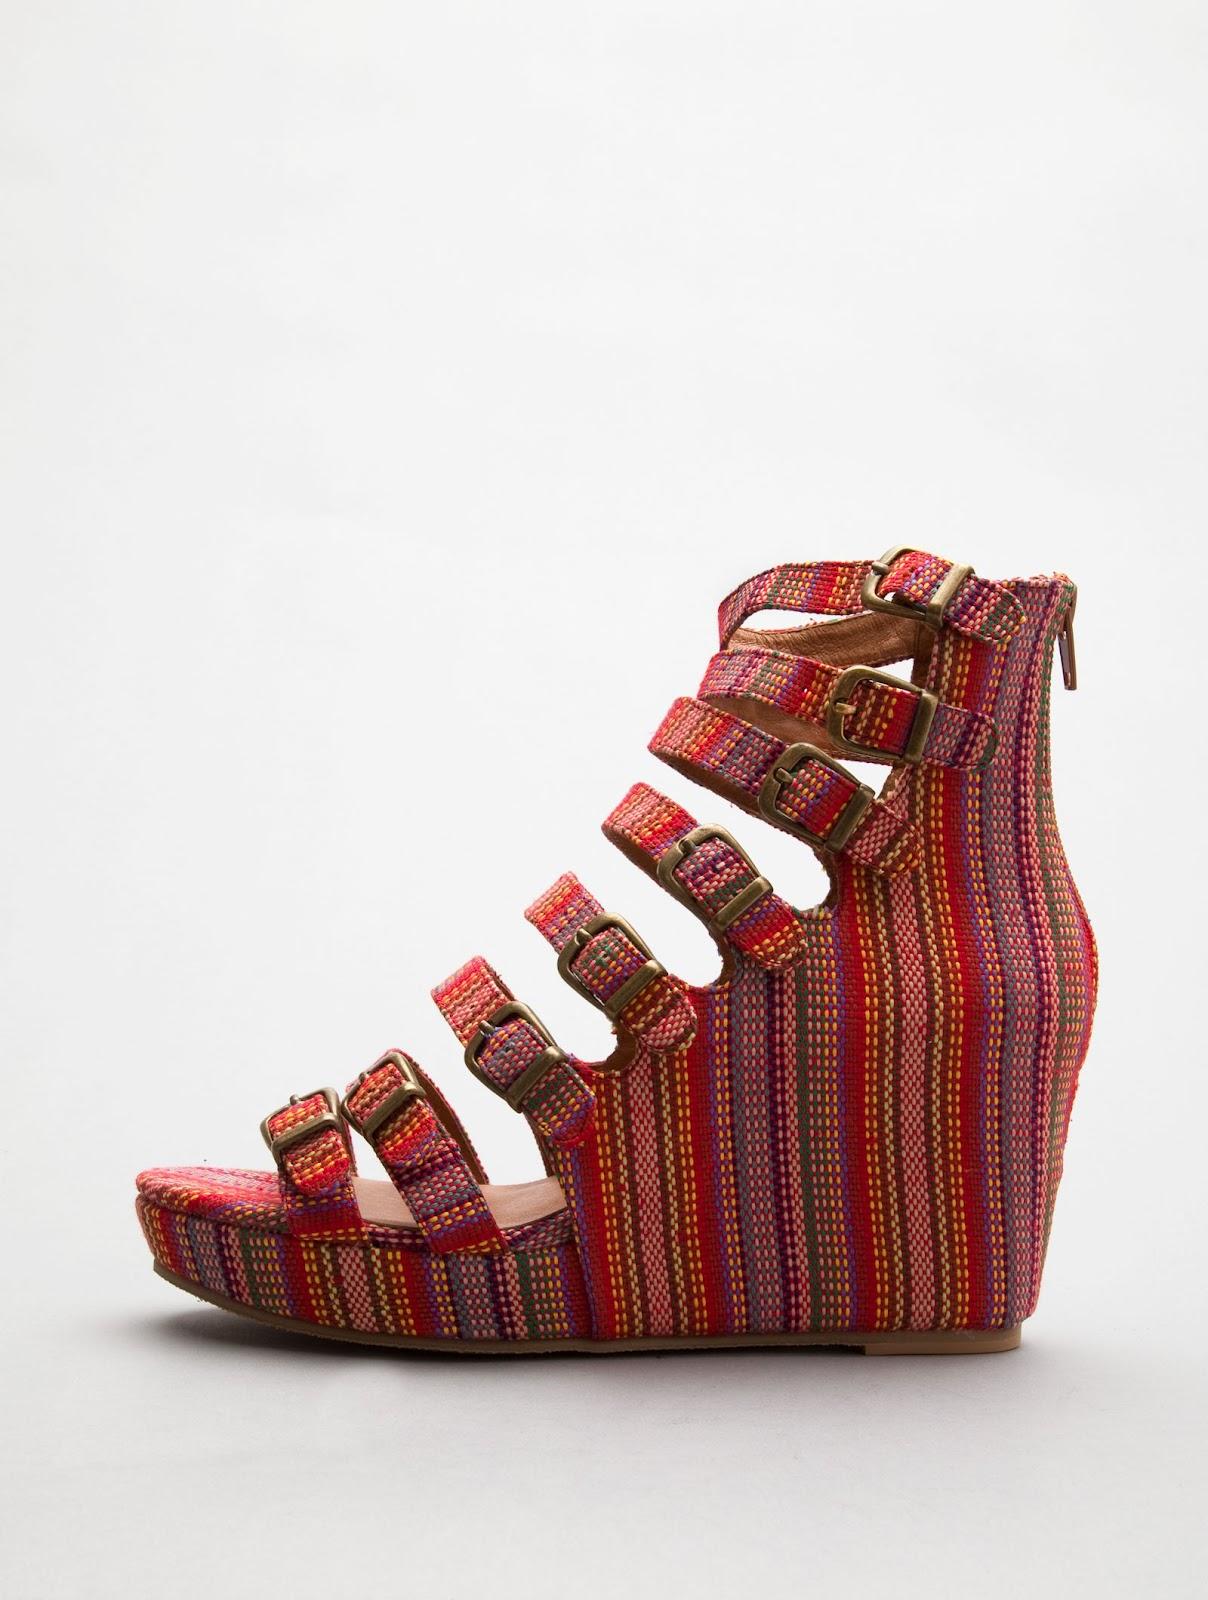 http://4.bp.blogspot.com/-ZcqhTH1EalA/T3X9QX8fhFI/AAAAAAAAATY/Cv6NPRace4g/s1600/aztec+shoe.jpg